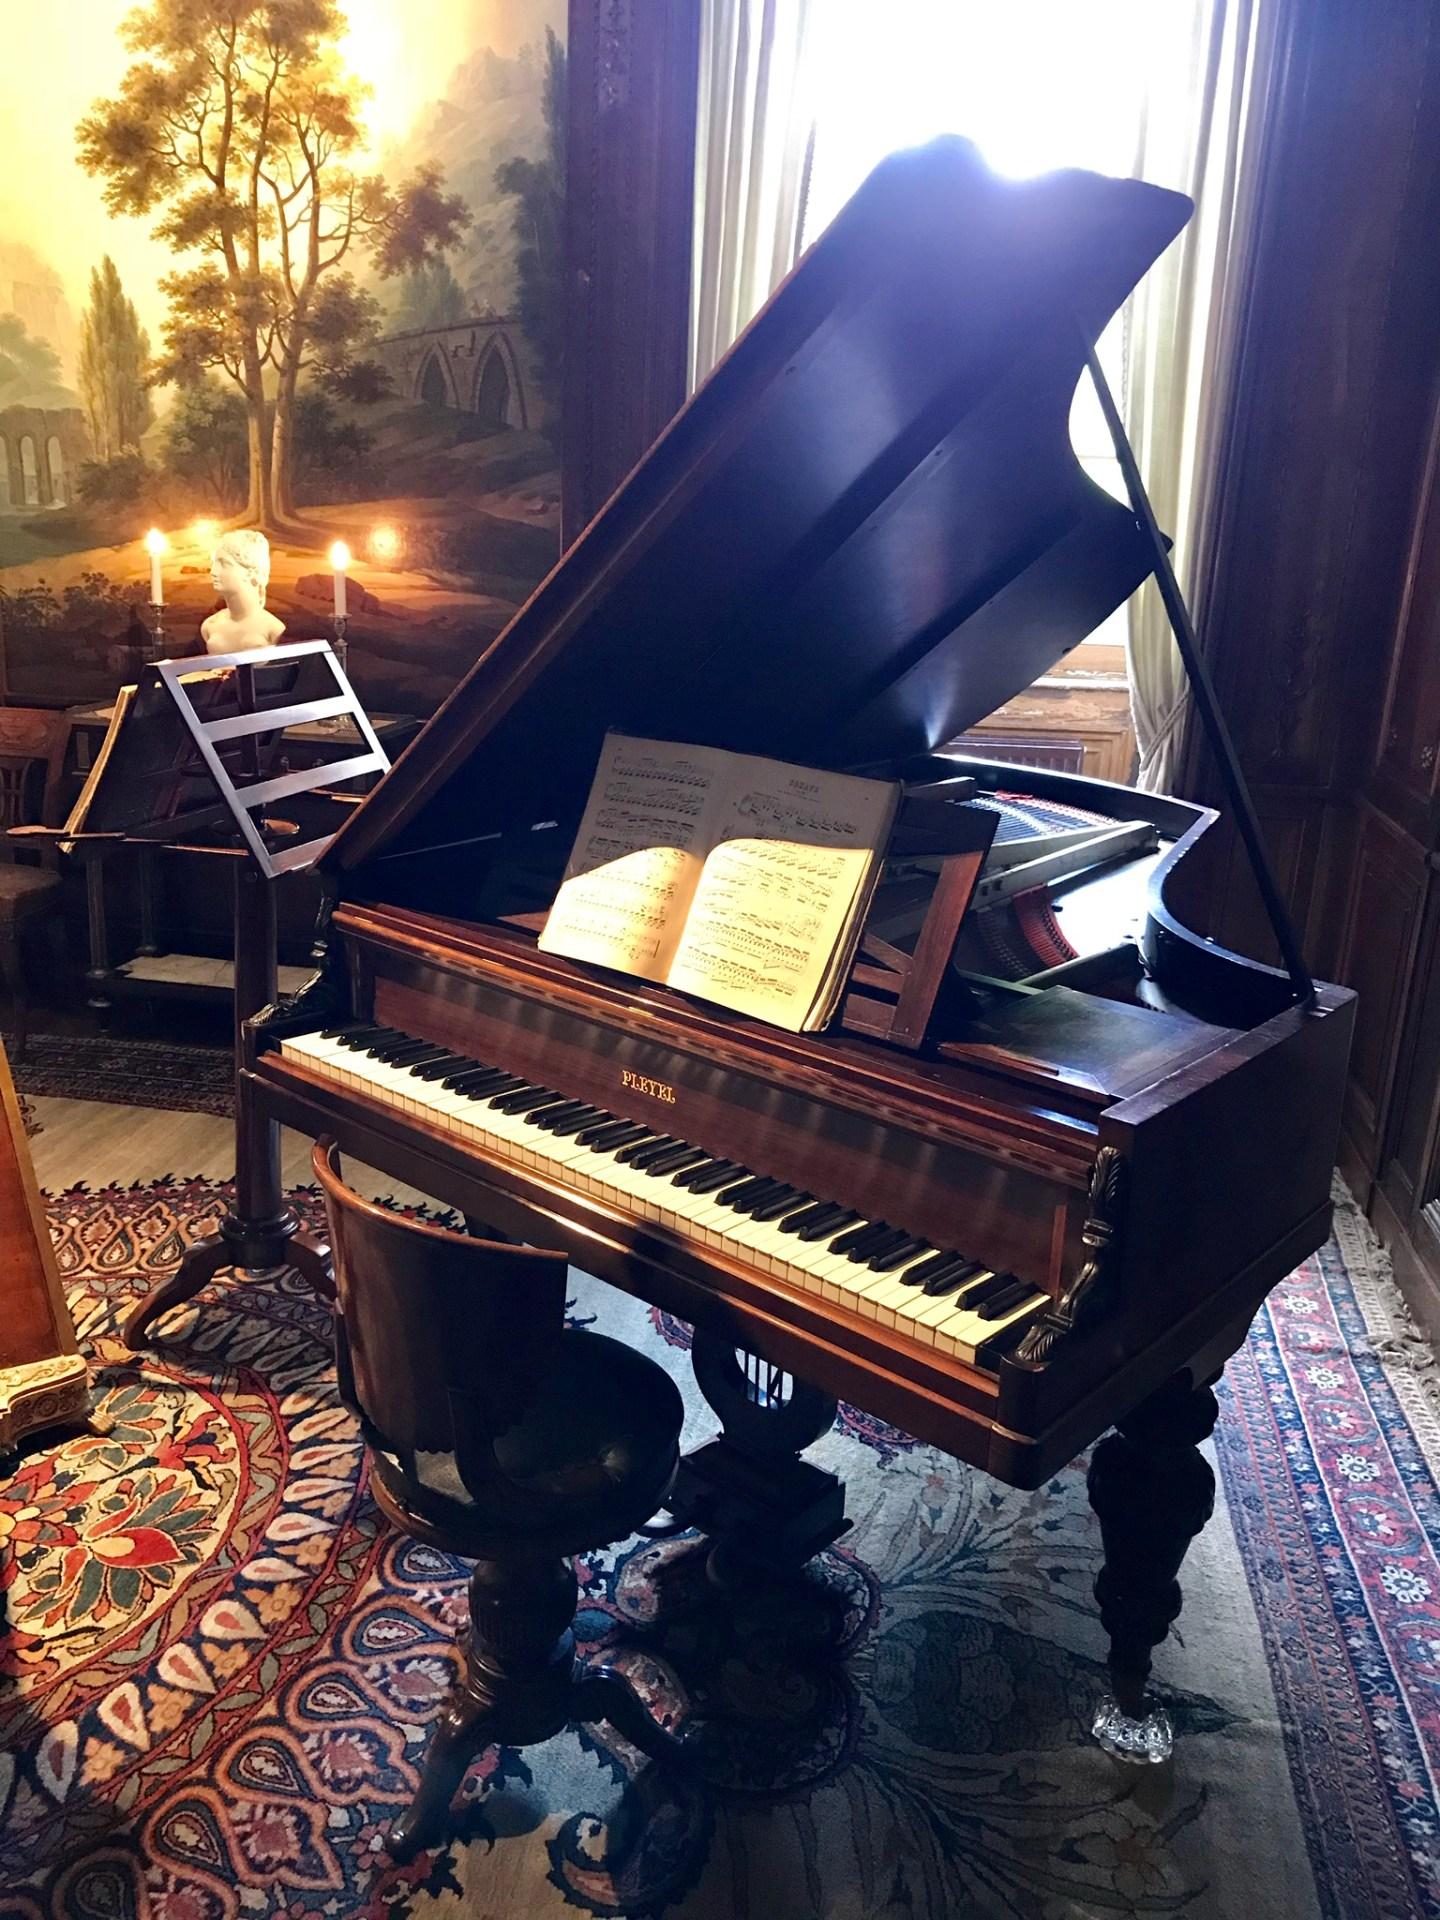 château de Laàs musée Serbat salon de musique